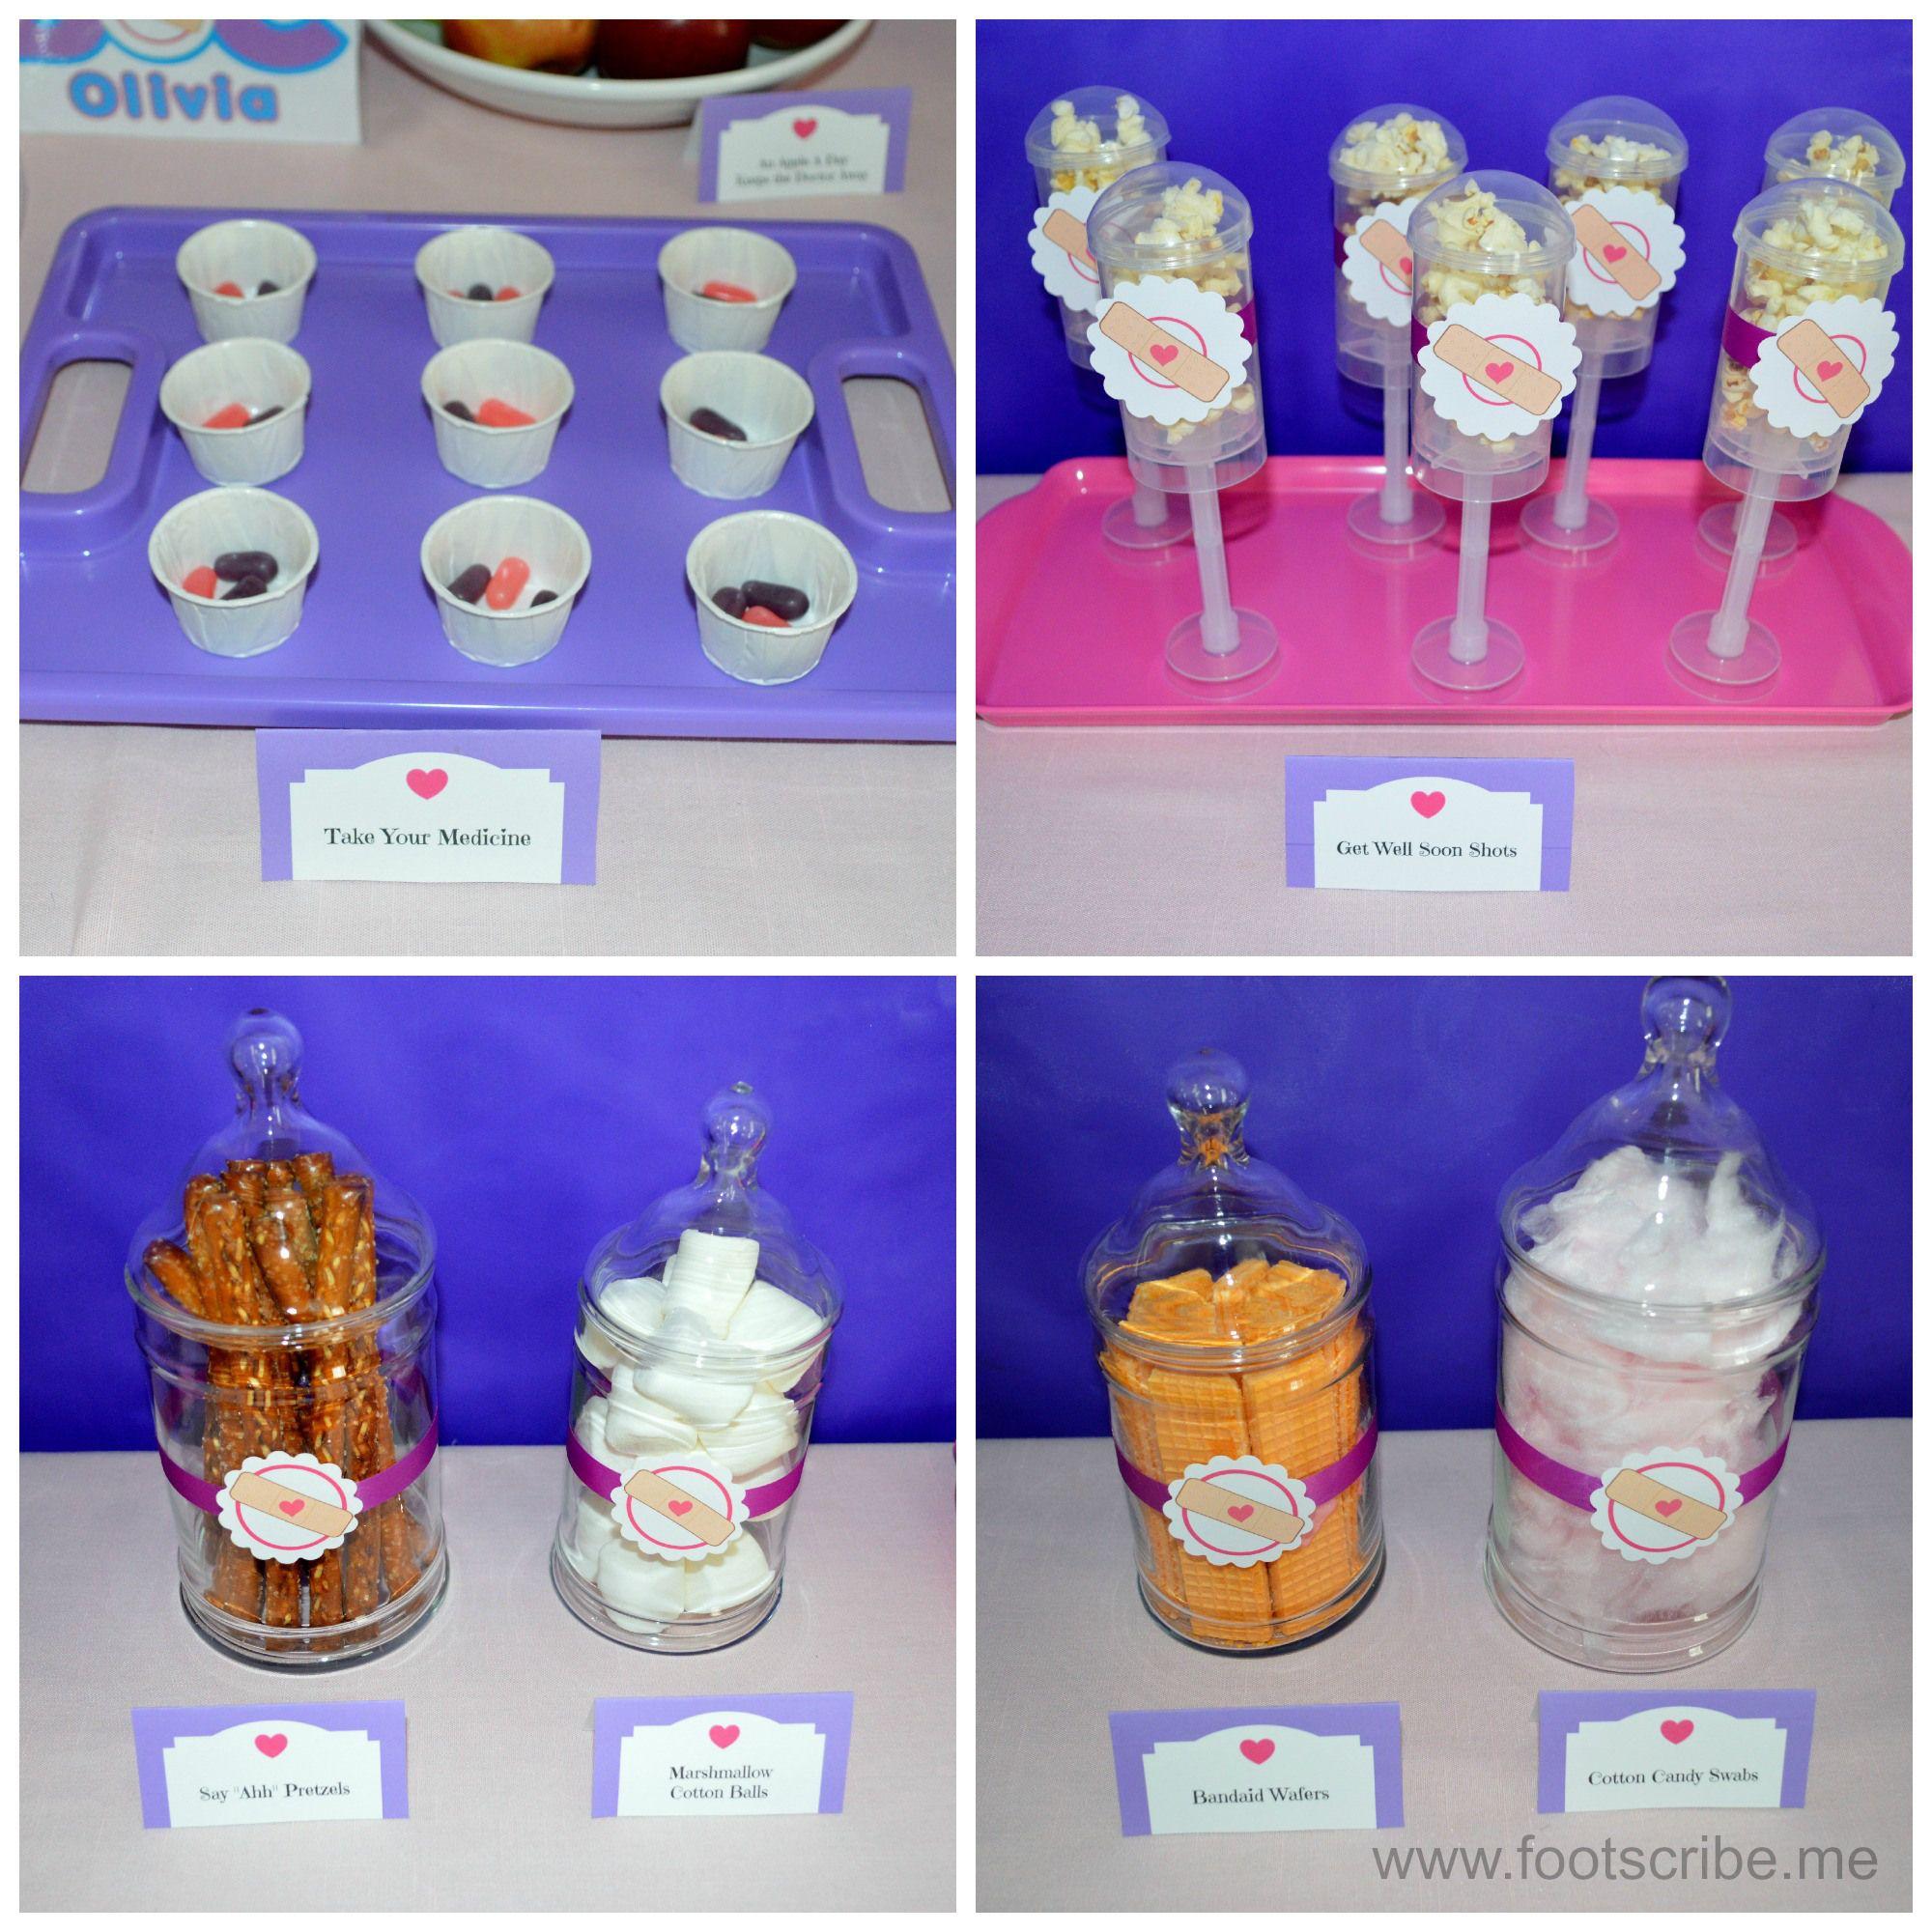 Doc mcstuffins bandages doc mcstuffins party ideas on pinterest doc - Doc Mcstuffins Birthday Party Food Treats